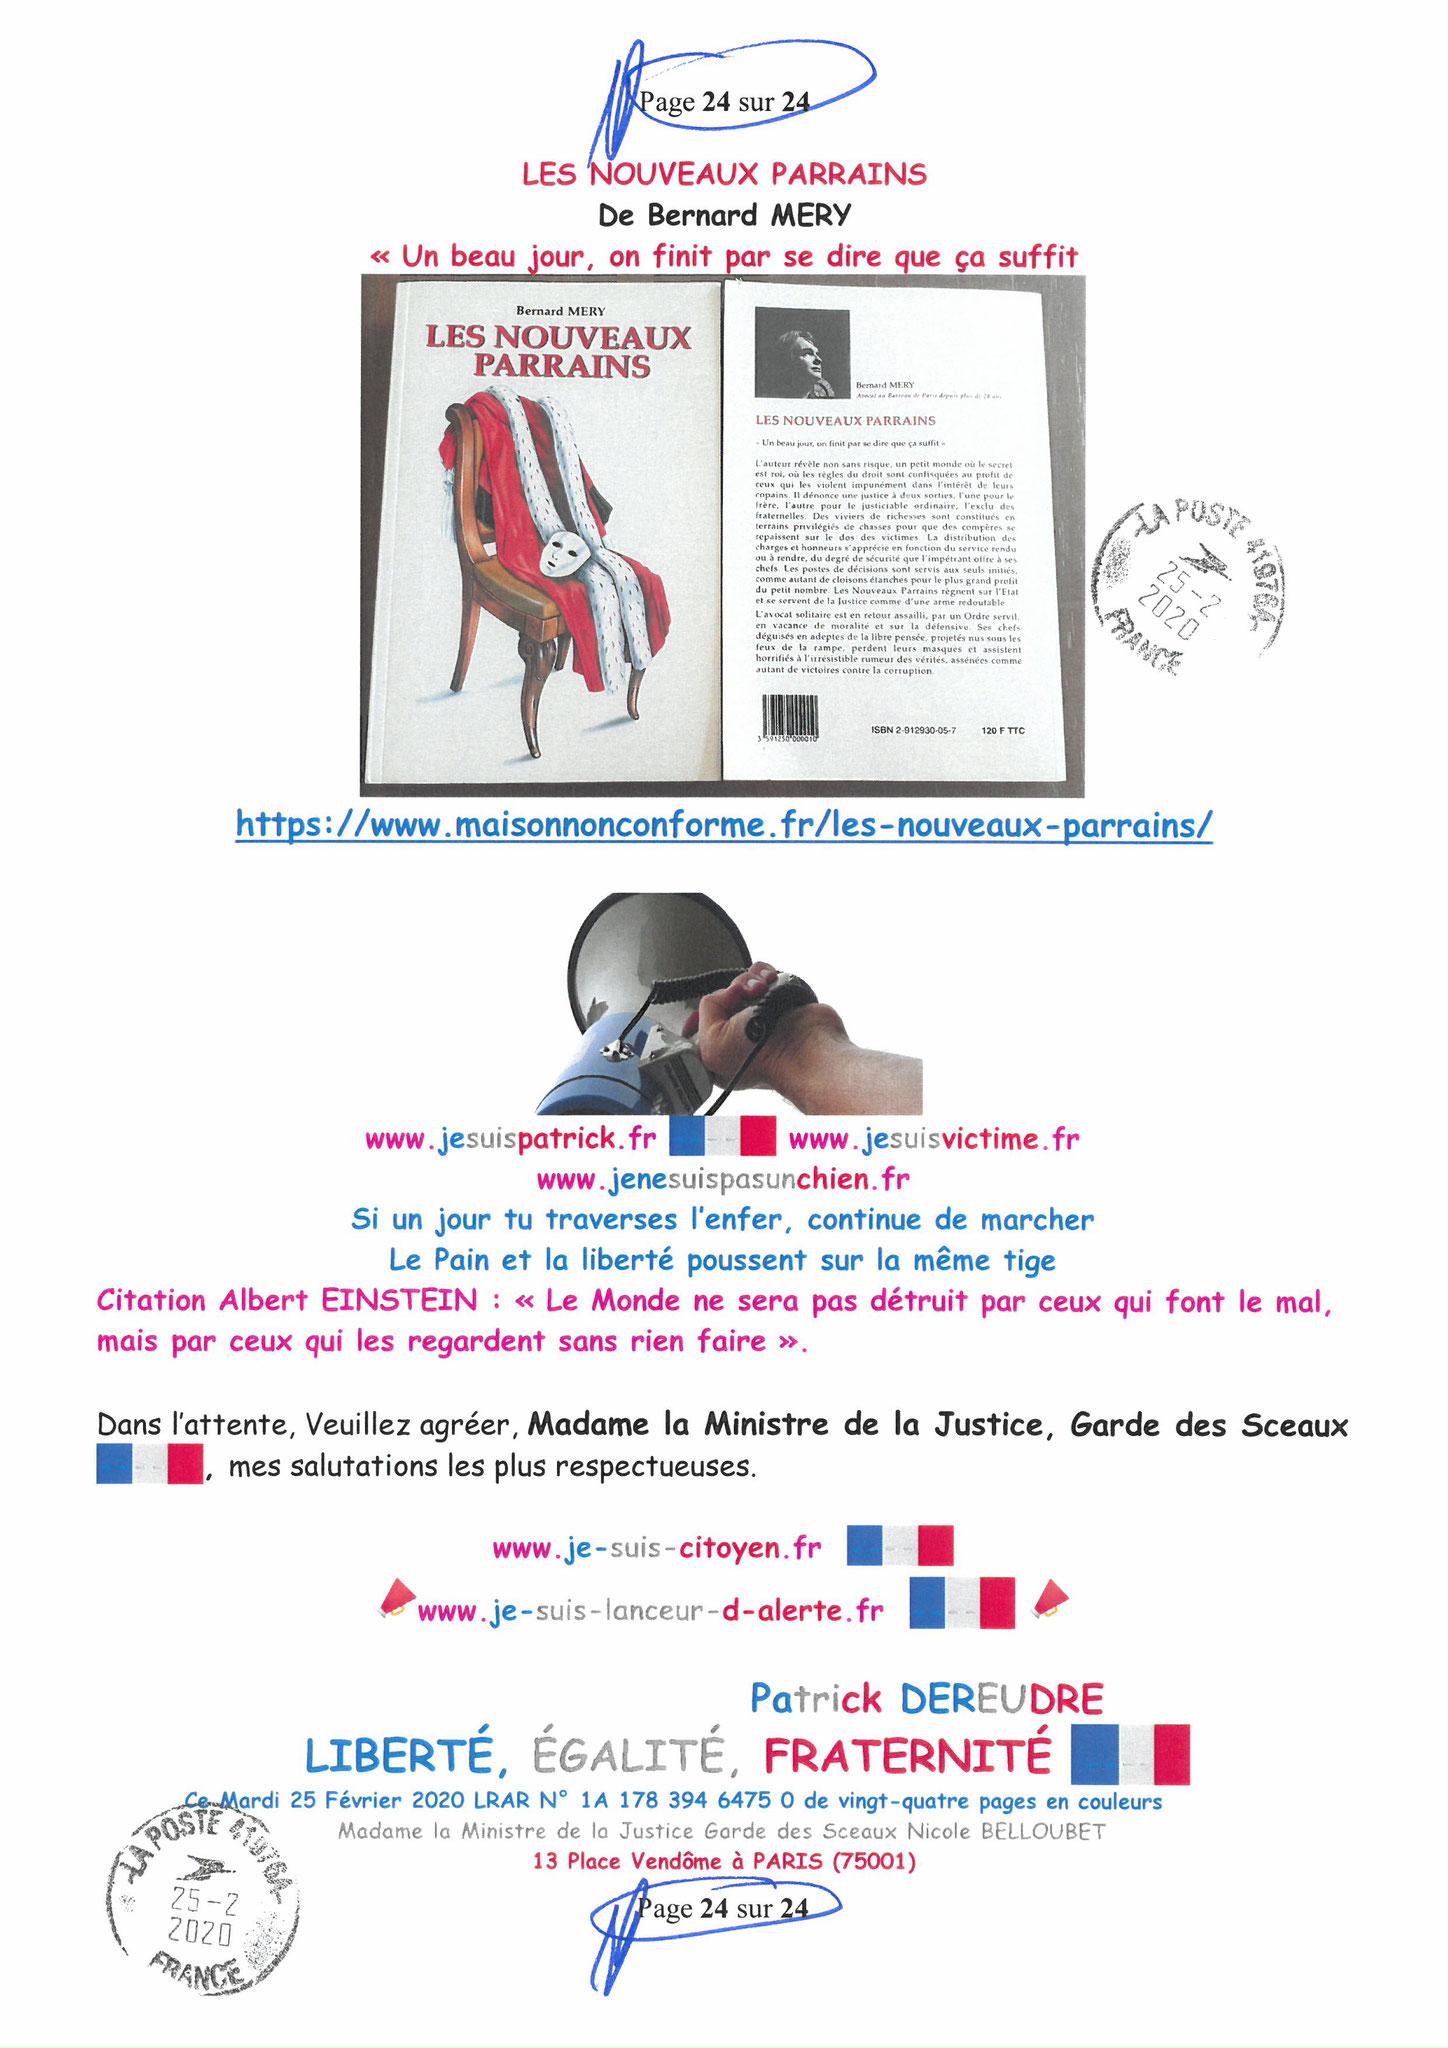 Ma LRAR à Madame Nicole BELLOUBET la Ministre de la Justice N0 1A 178 394 6475 0 Page 24 sur 24 en couleur  www.jesuispatrick.com www.jesuisvictime.fr www.alerte-rouge-france.fr